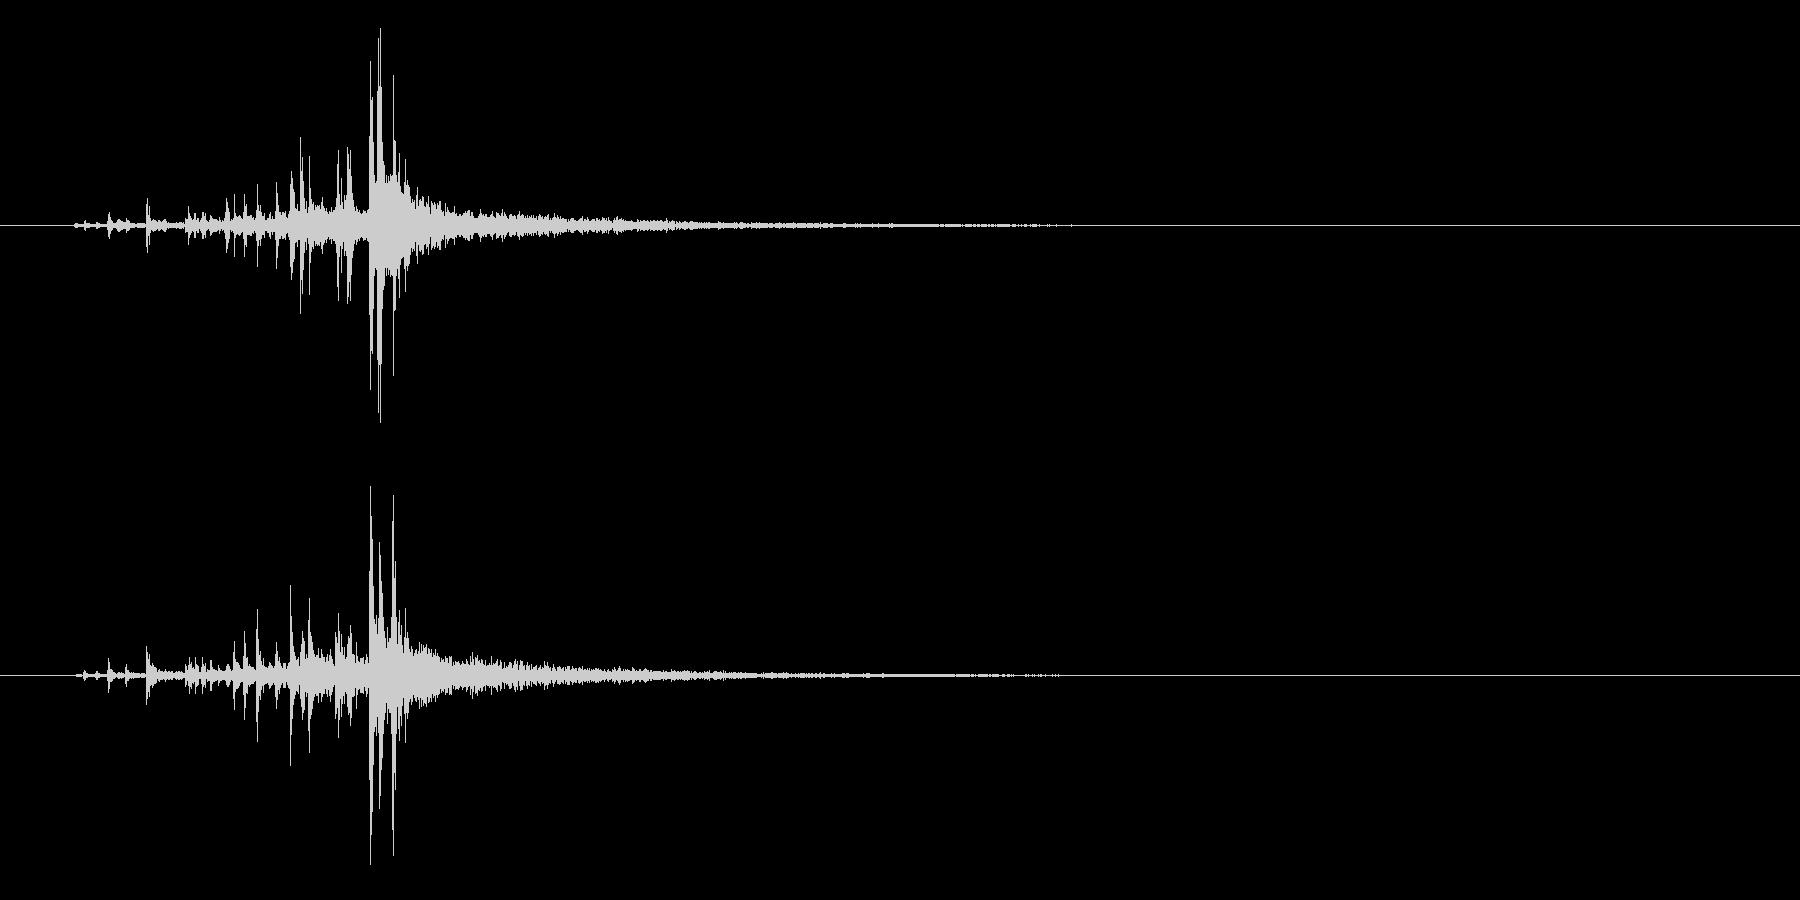 ジャラ…!スティック同士叩く連打音+FXの未再生の波形